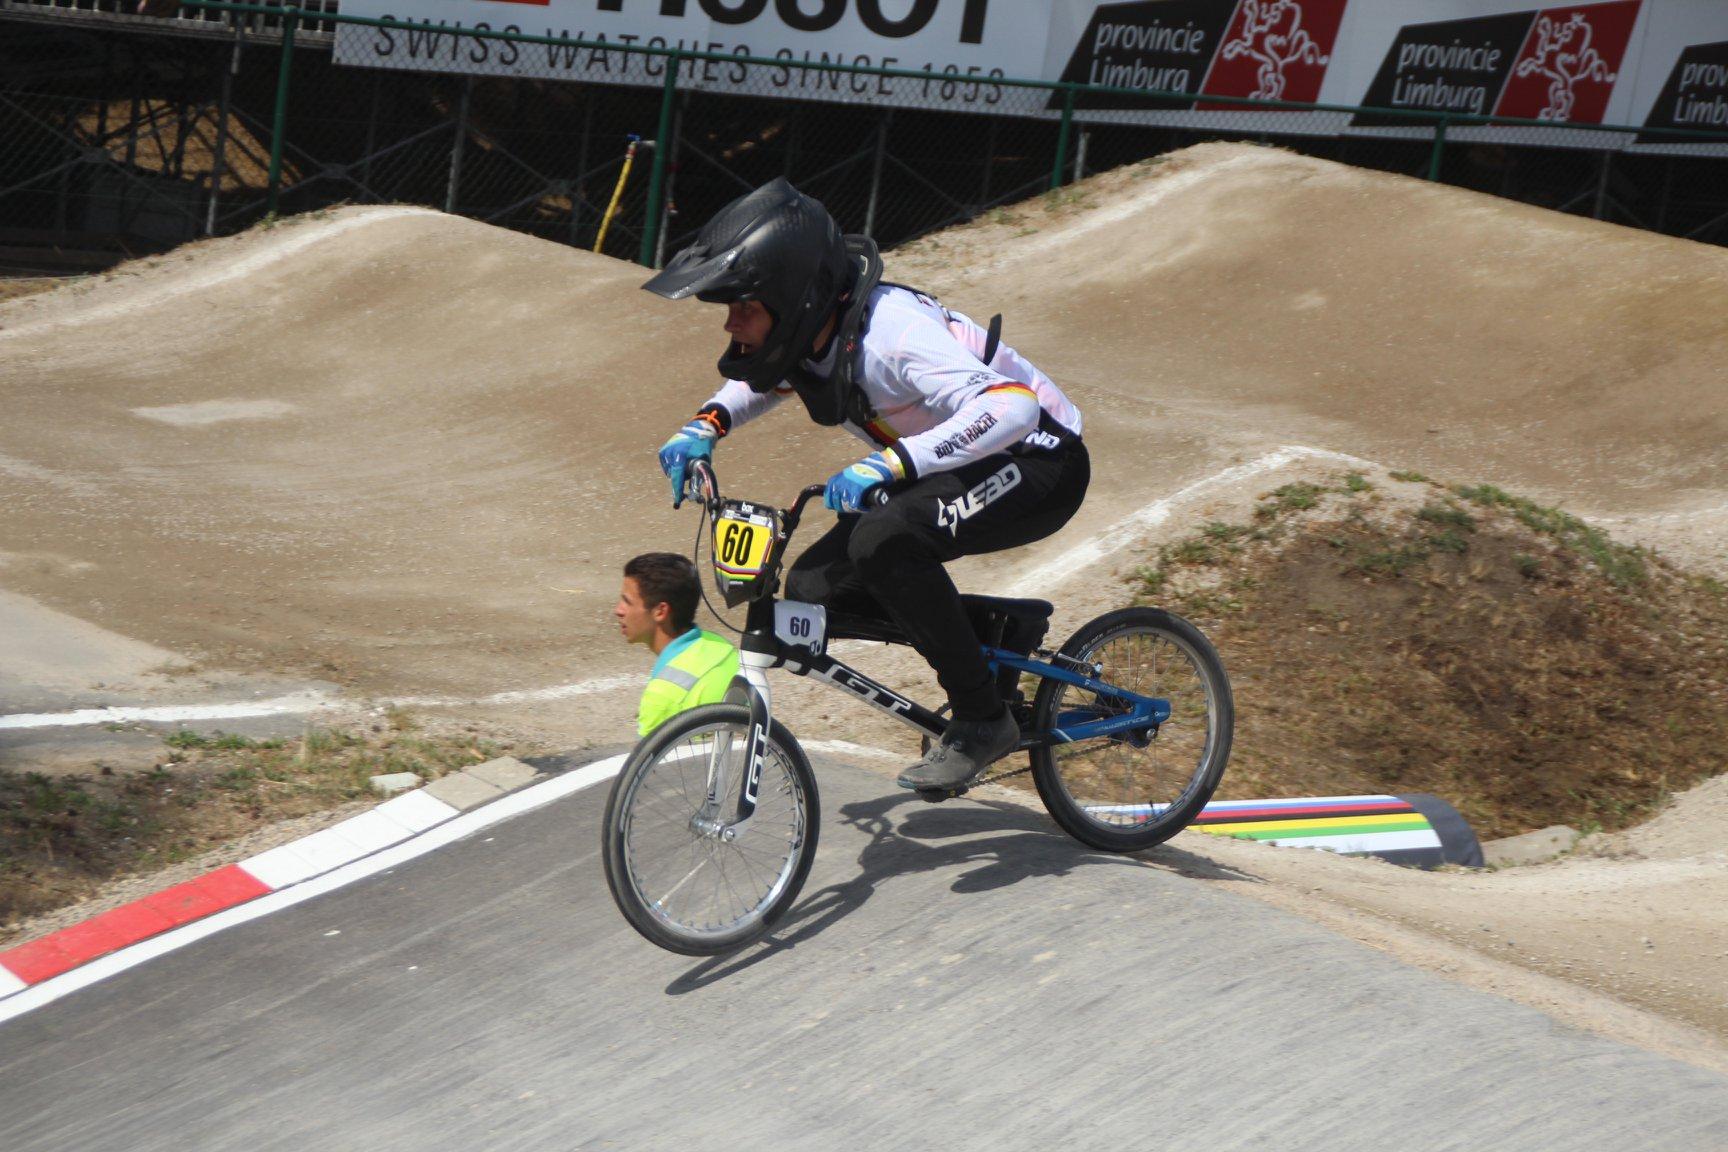 BMX Sportler bringen Höchstleistung bei Temperaturen jenseits der 40°C